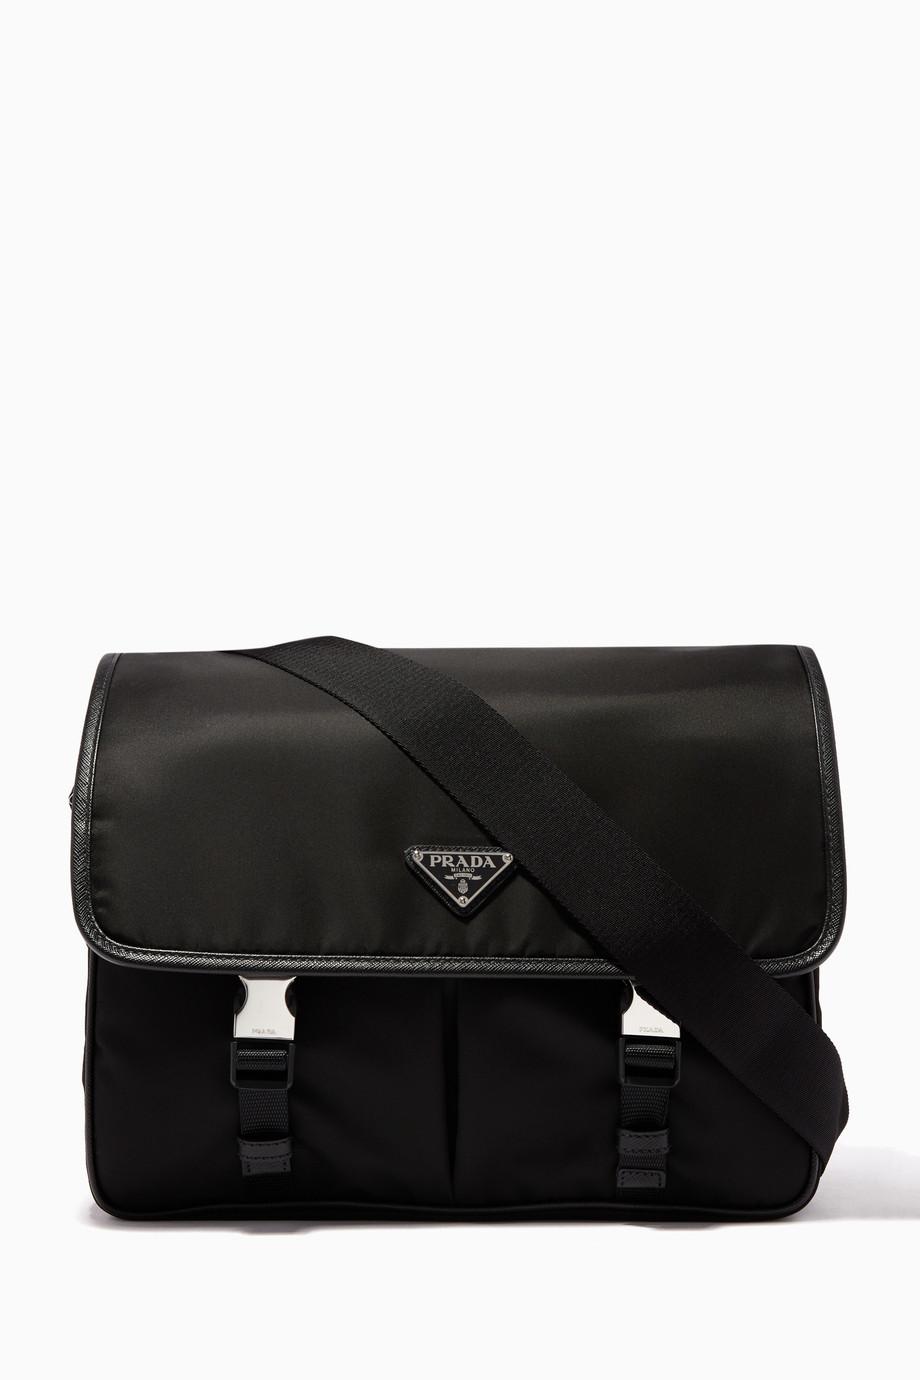 903caf164338 Shop Prada Black Black Nylon Triangle Logo Messenger Bag for Men ...